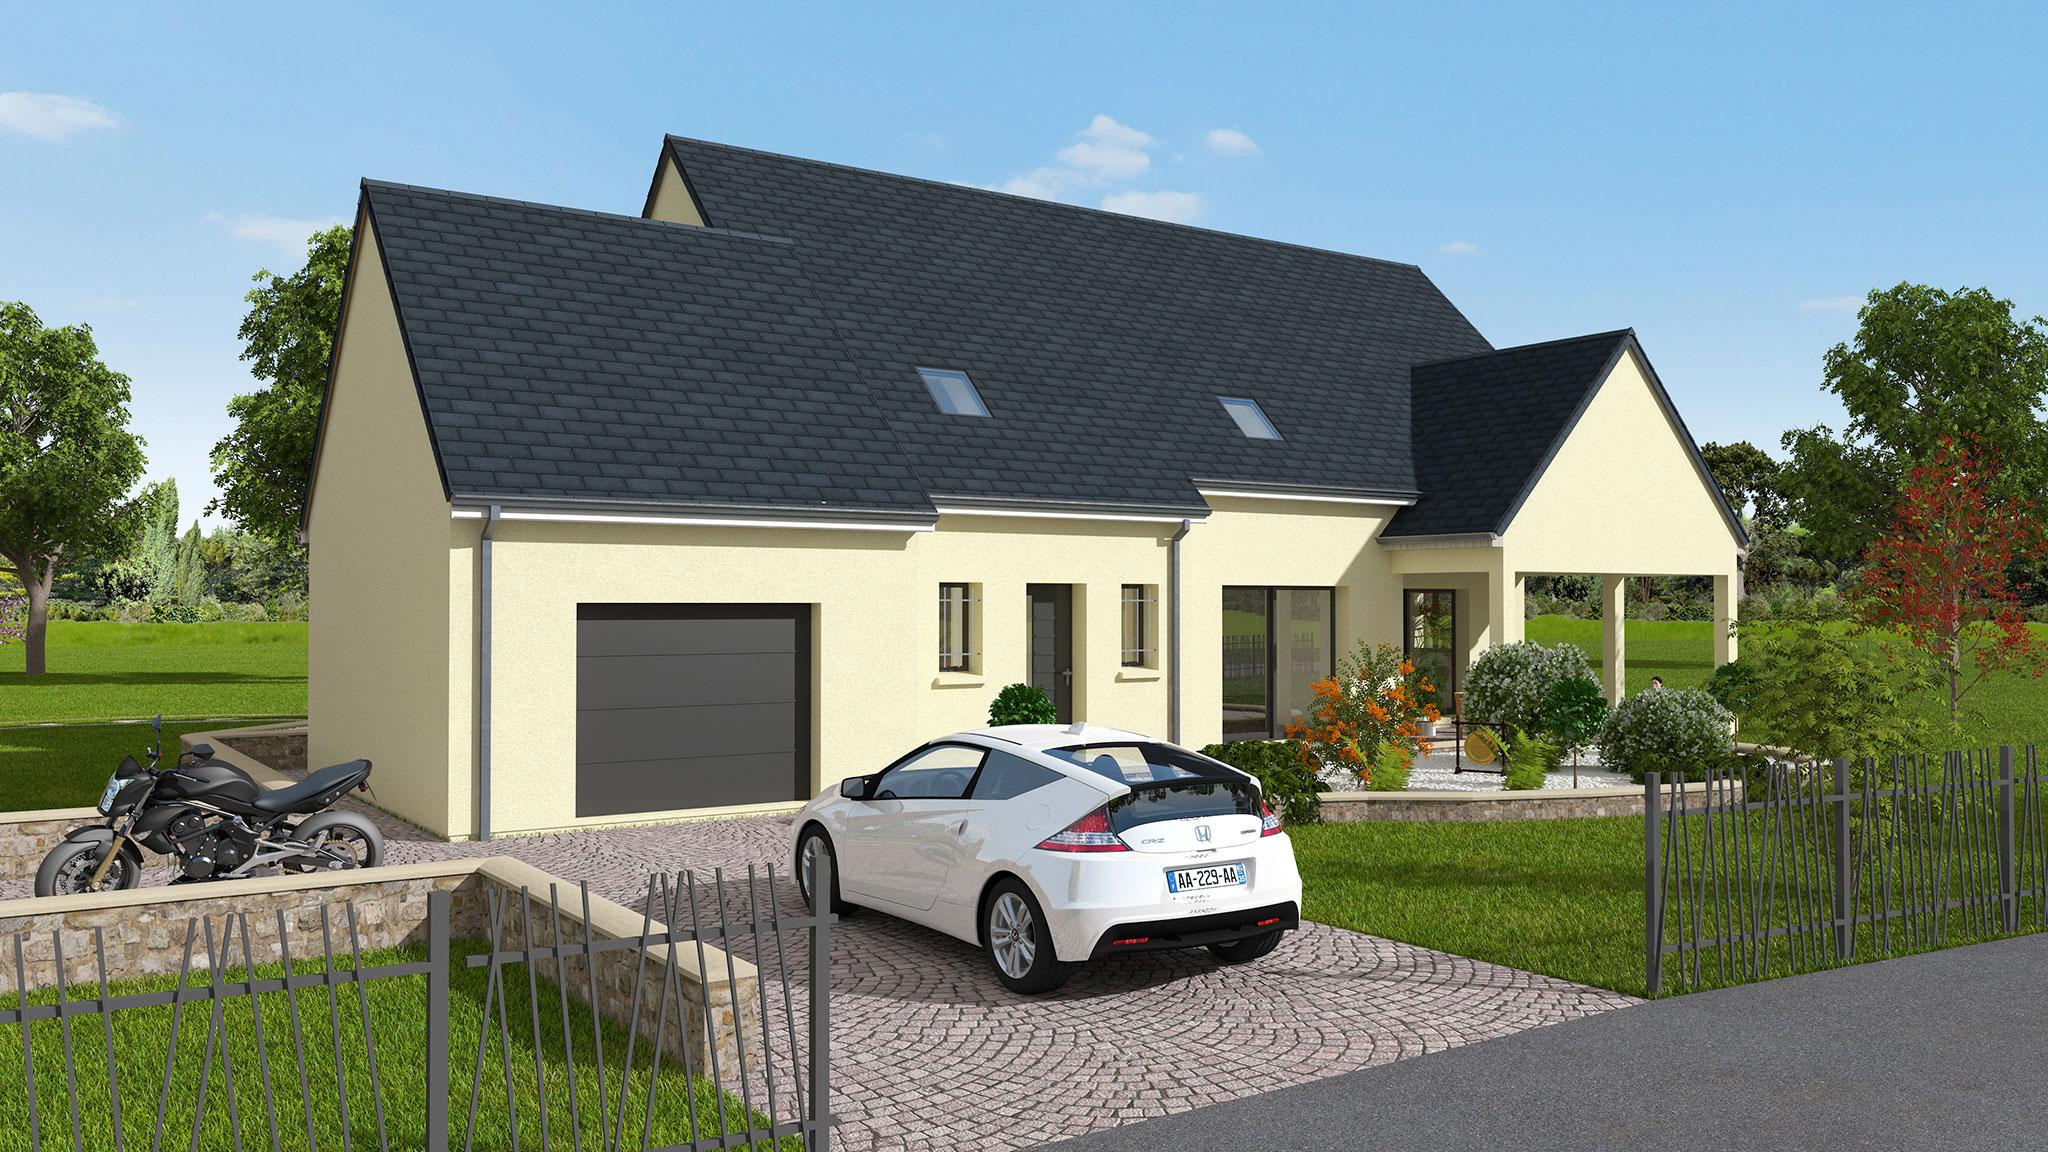 Mod le de maison traditionnelle avec tage en indre et loire dmo constructions - Descriptif construction maison individuelle ...